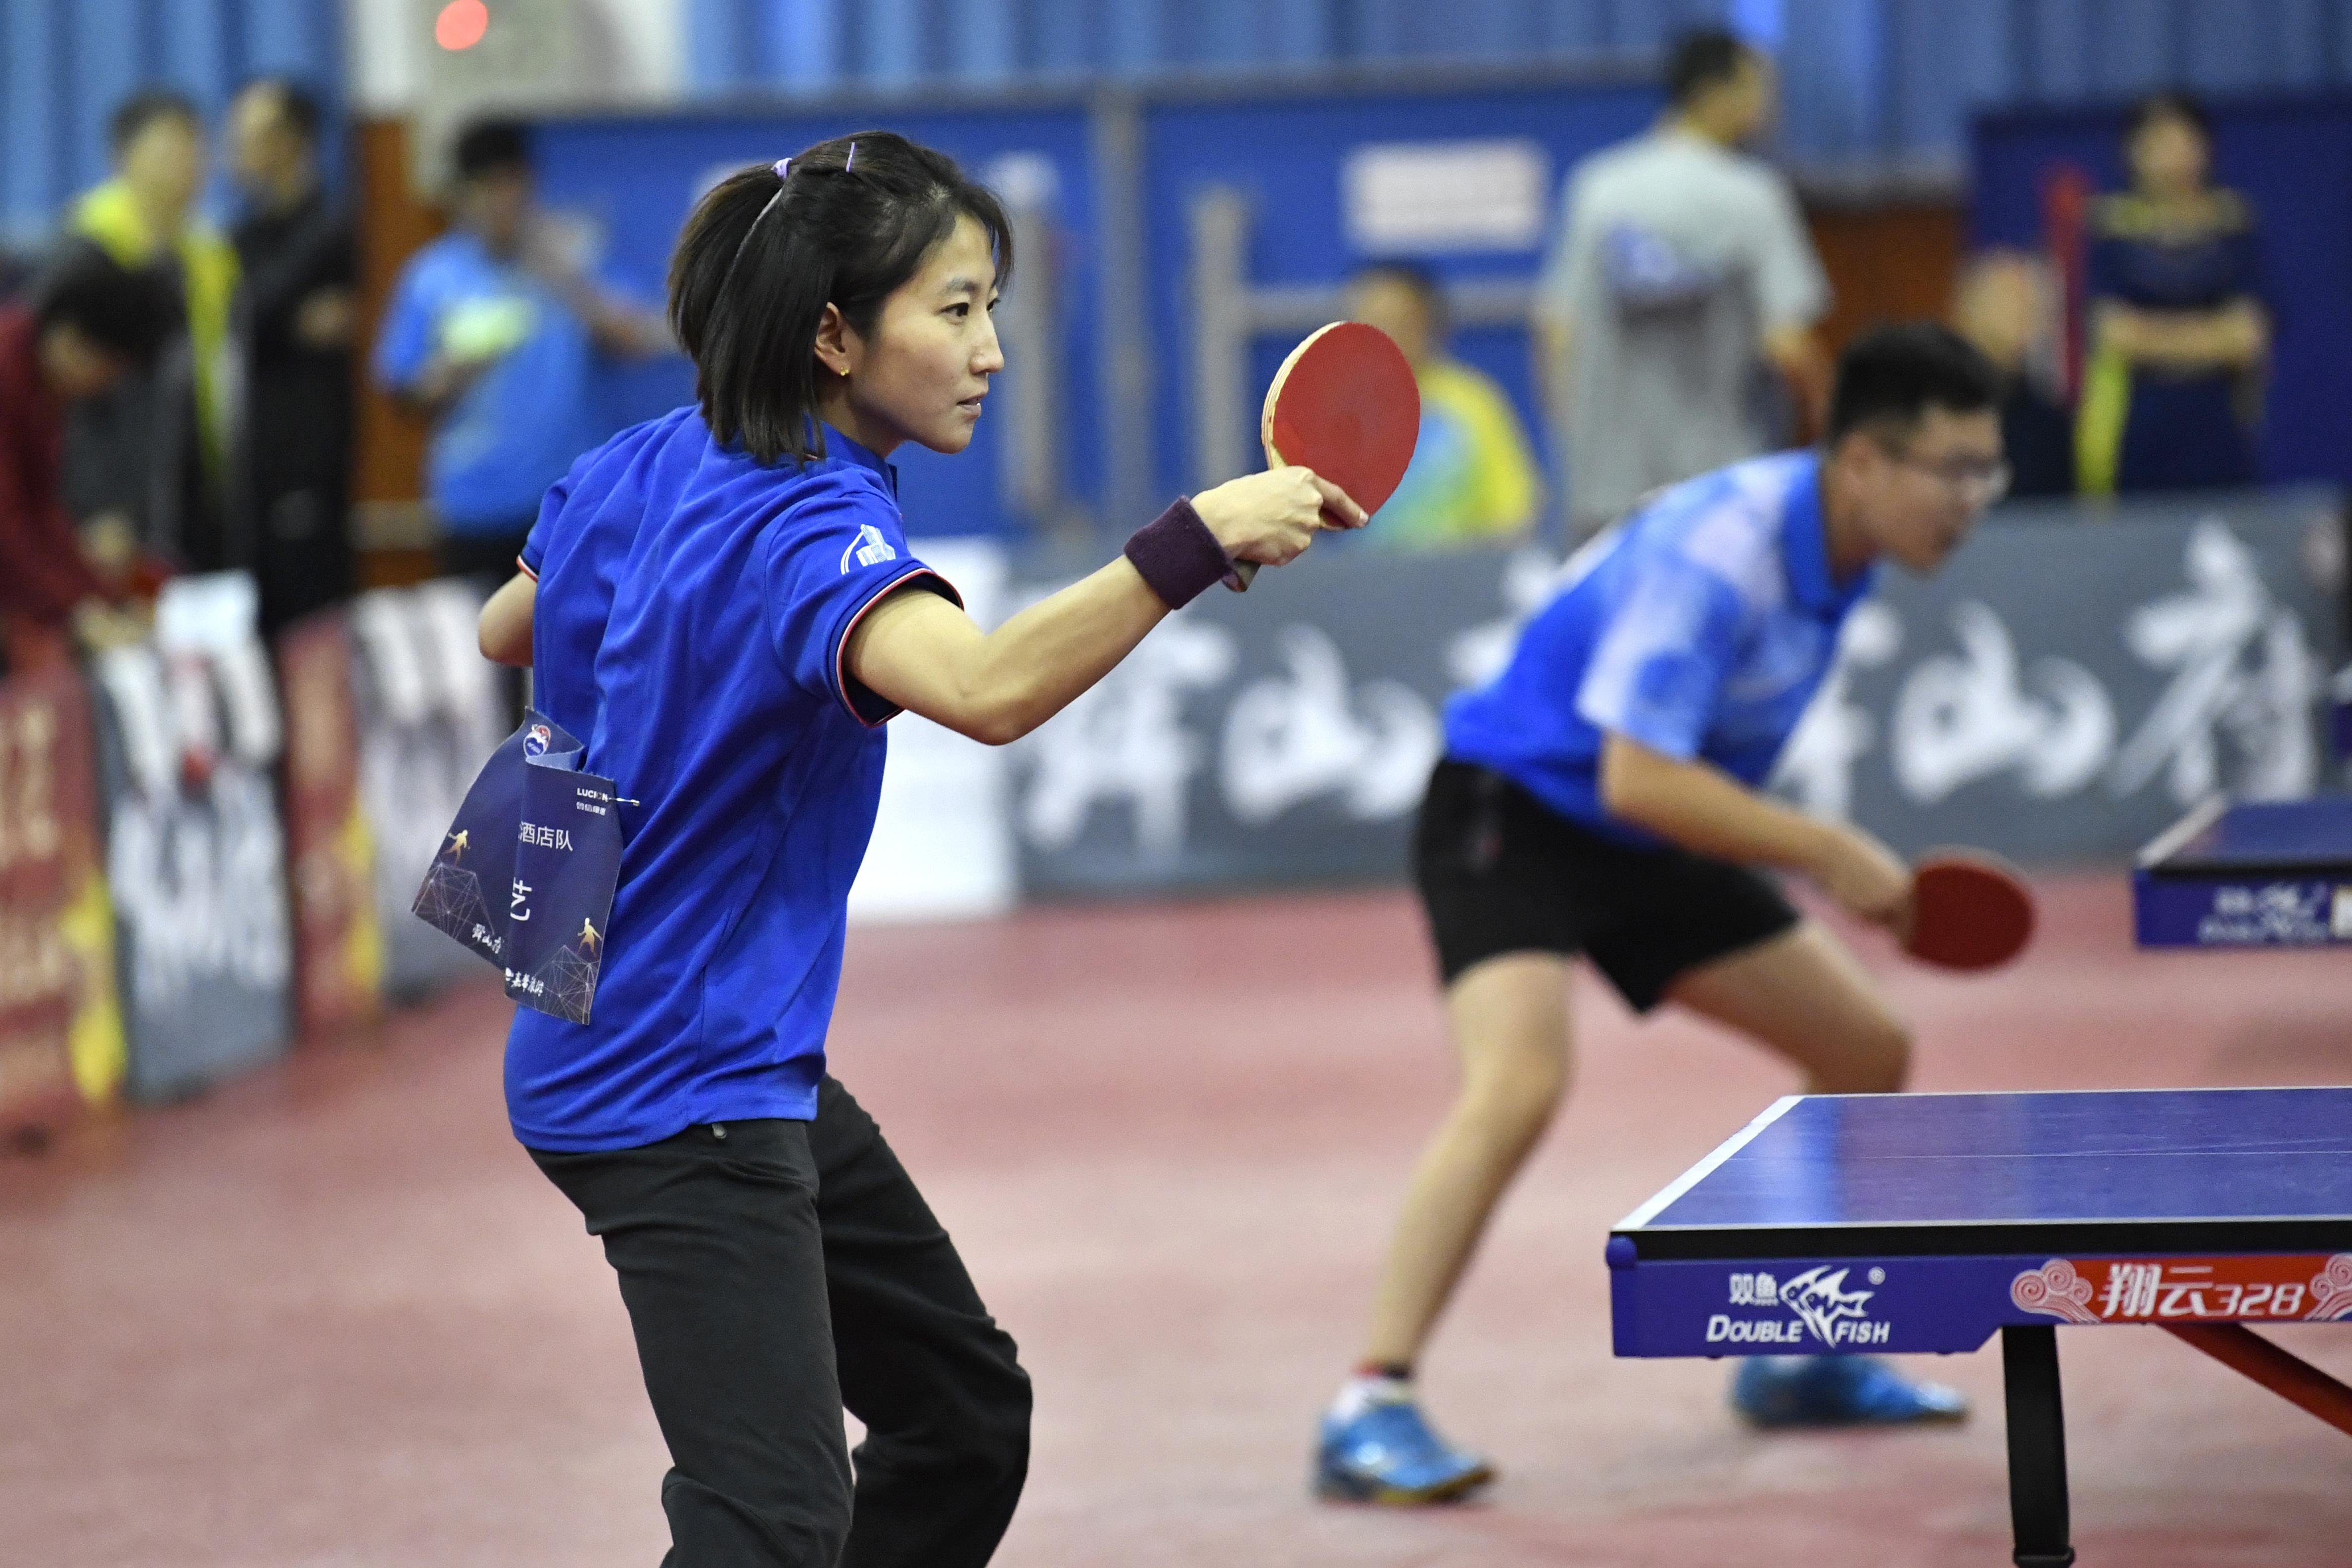 火热比拼打出专业范儿!山东省第十一届省直机关乒乓球邀请赛在济南举行